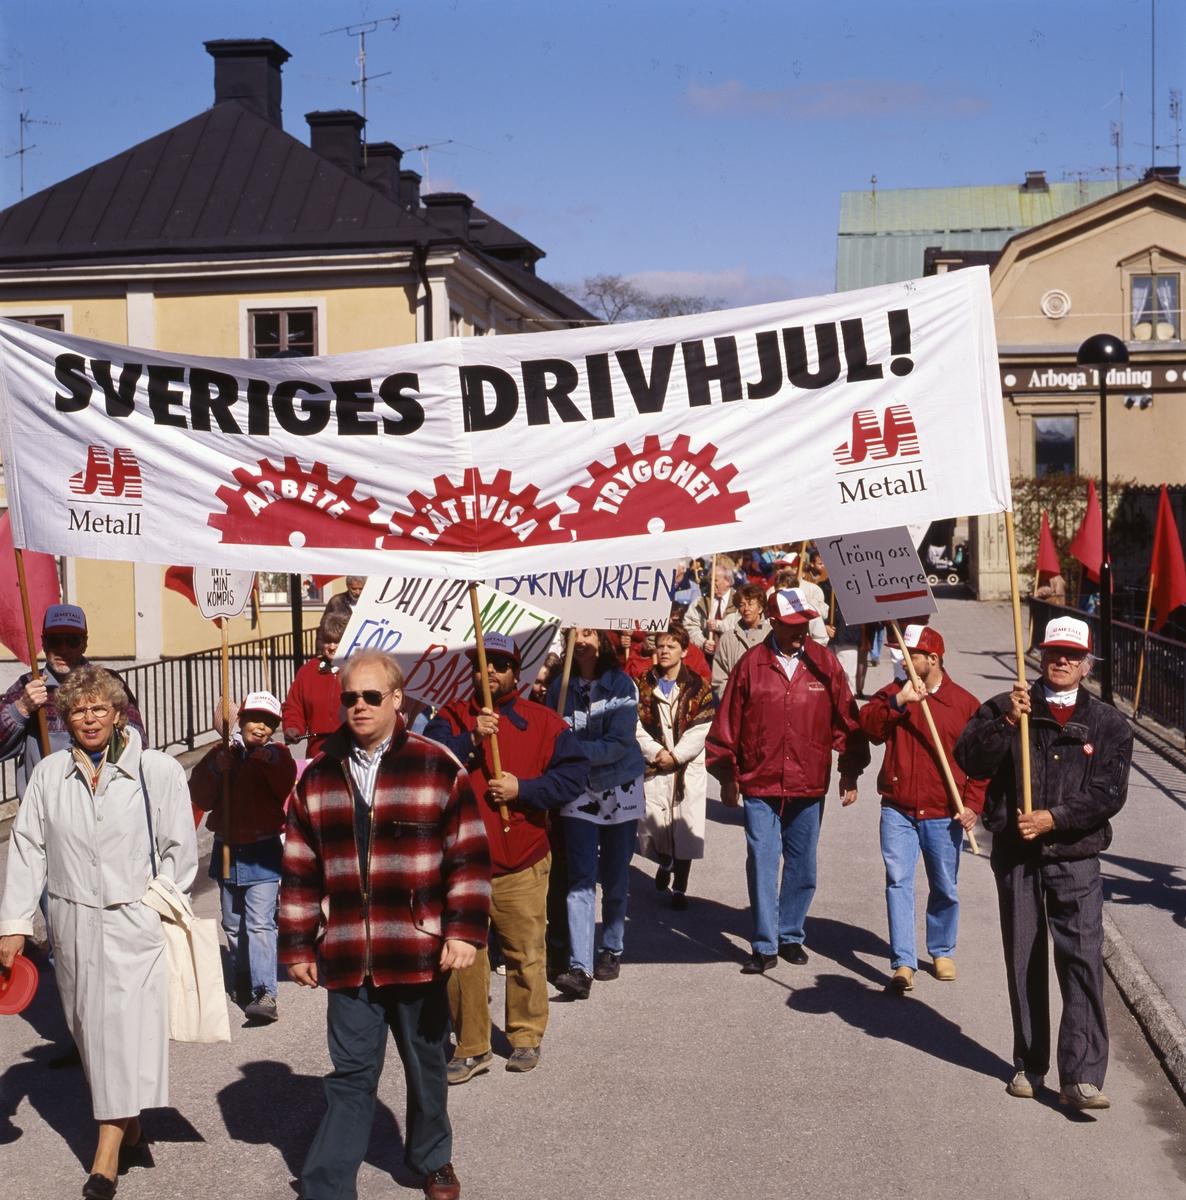 Första maj. Demonstrationståg på Kapellbron. Berit Oscarsson längst till vänster.  Människor marscherar med banderoller. I bakgrunden ses kvarteret Stadsgården till vänster och Kungsgården till höger. Socialdemokrater